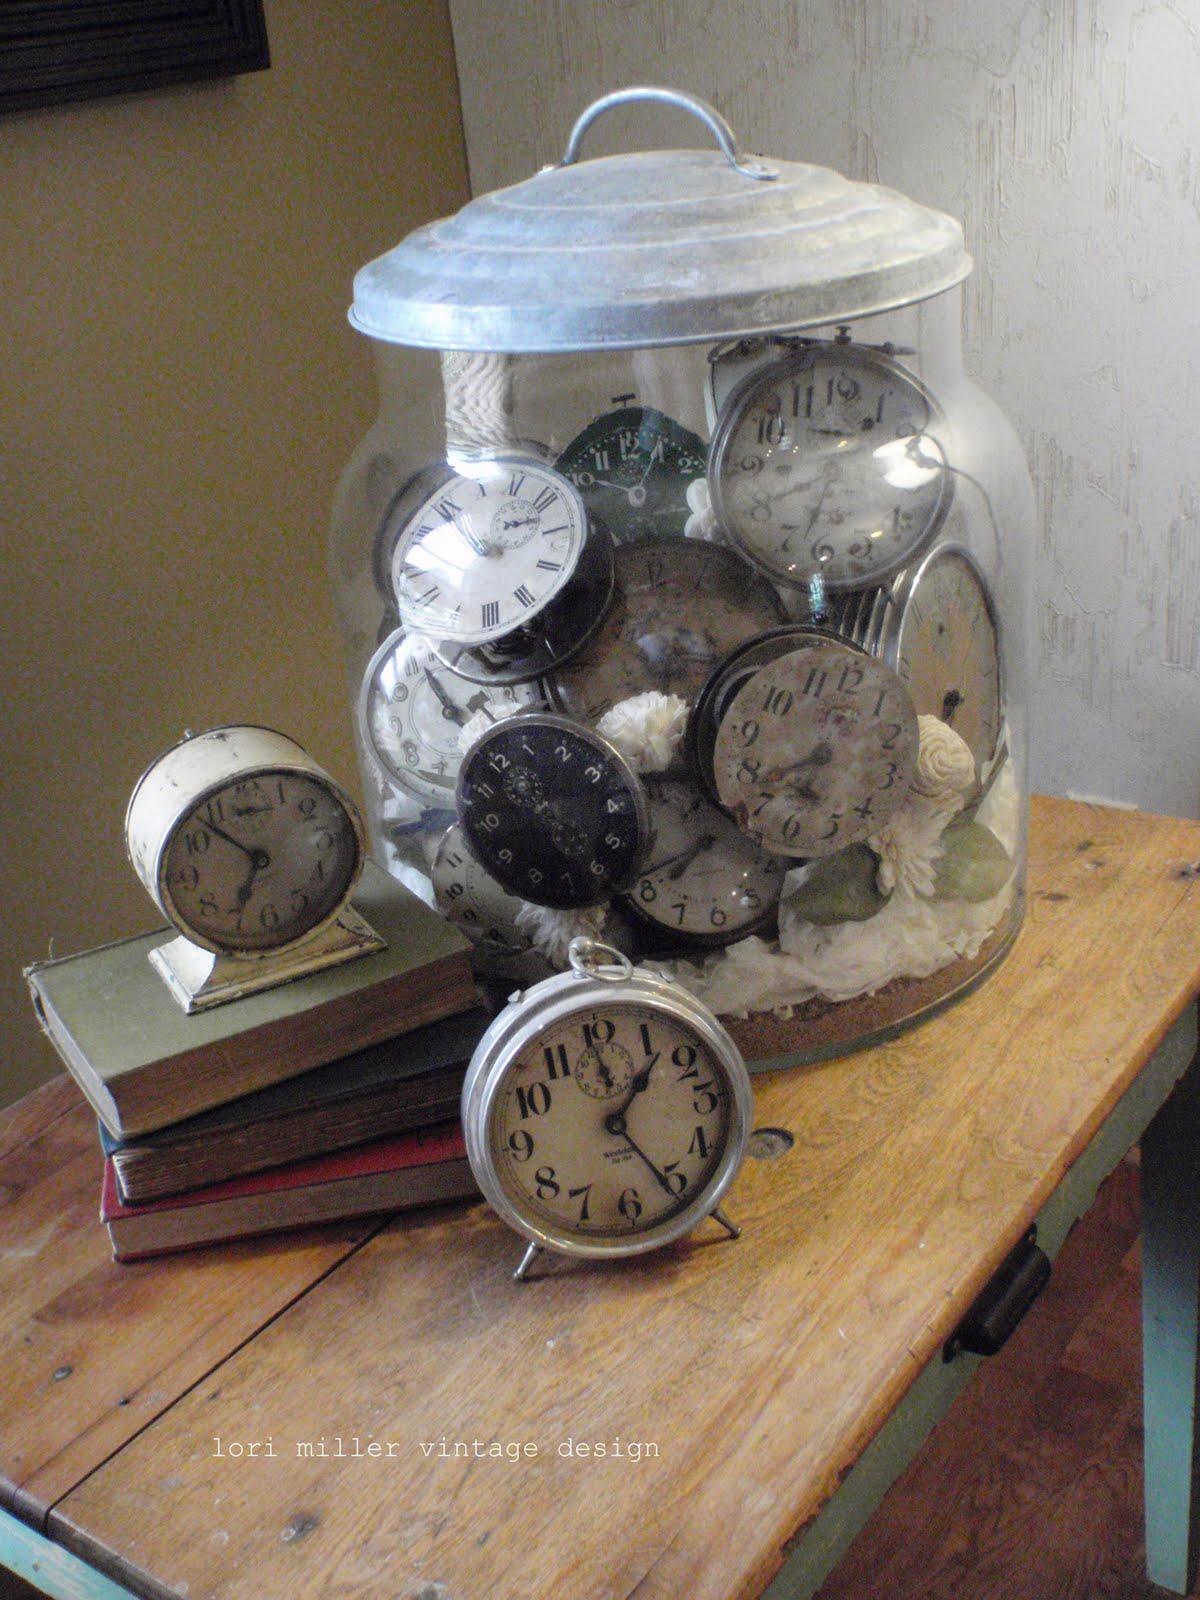 Decorar con relojes en un bote somosdeco blog de decoraci n - Relojes de decoracion ...